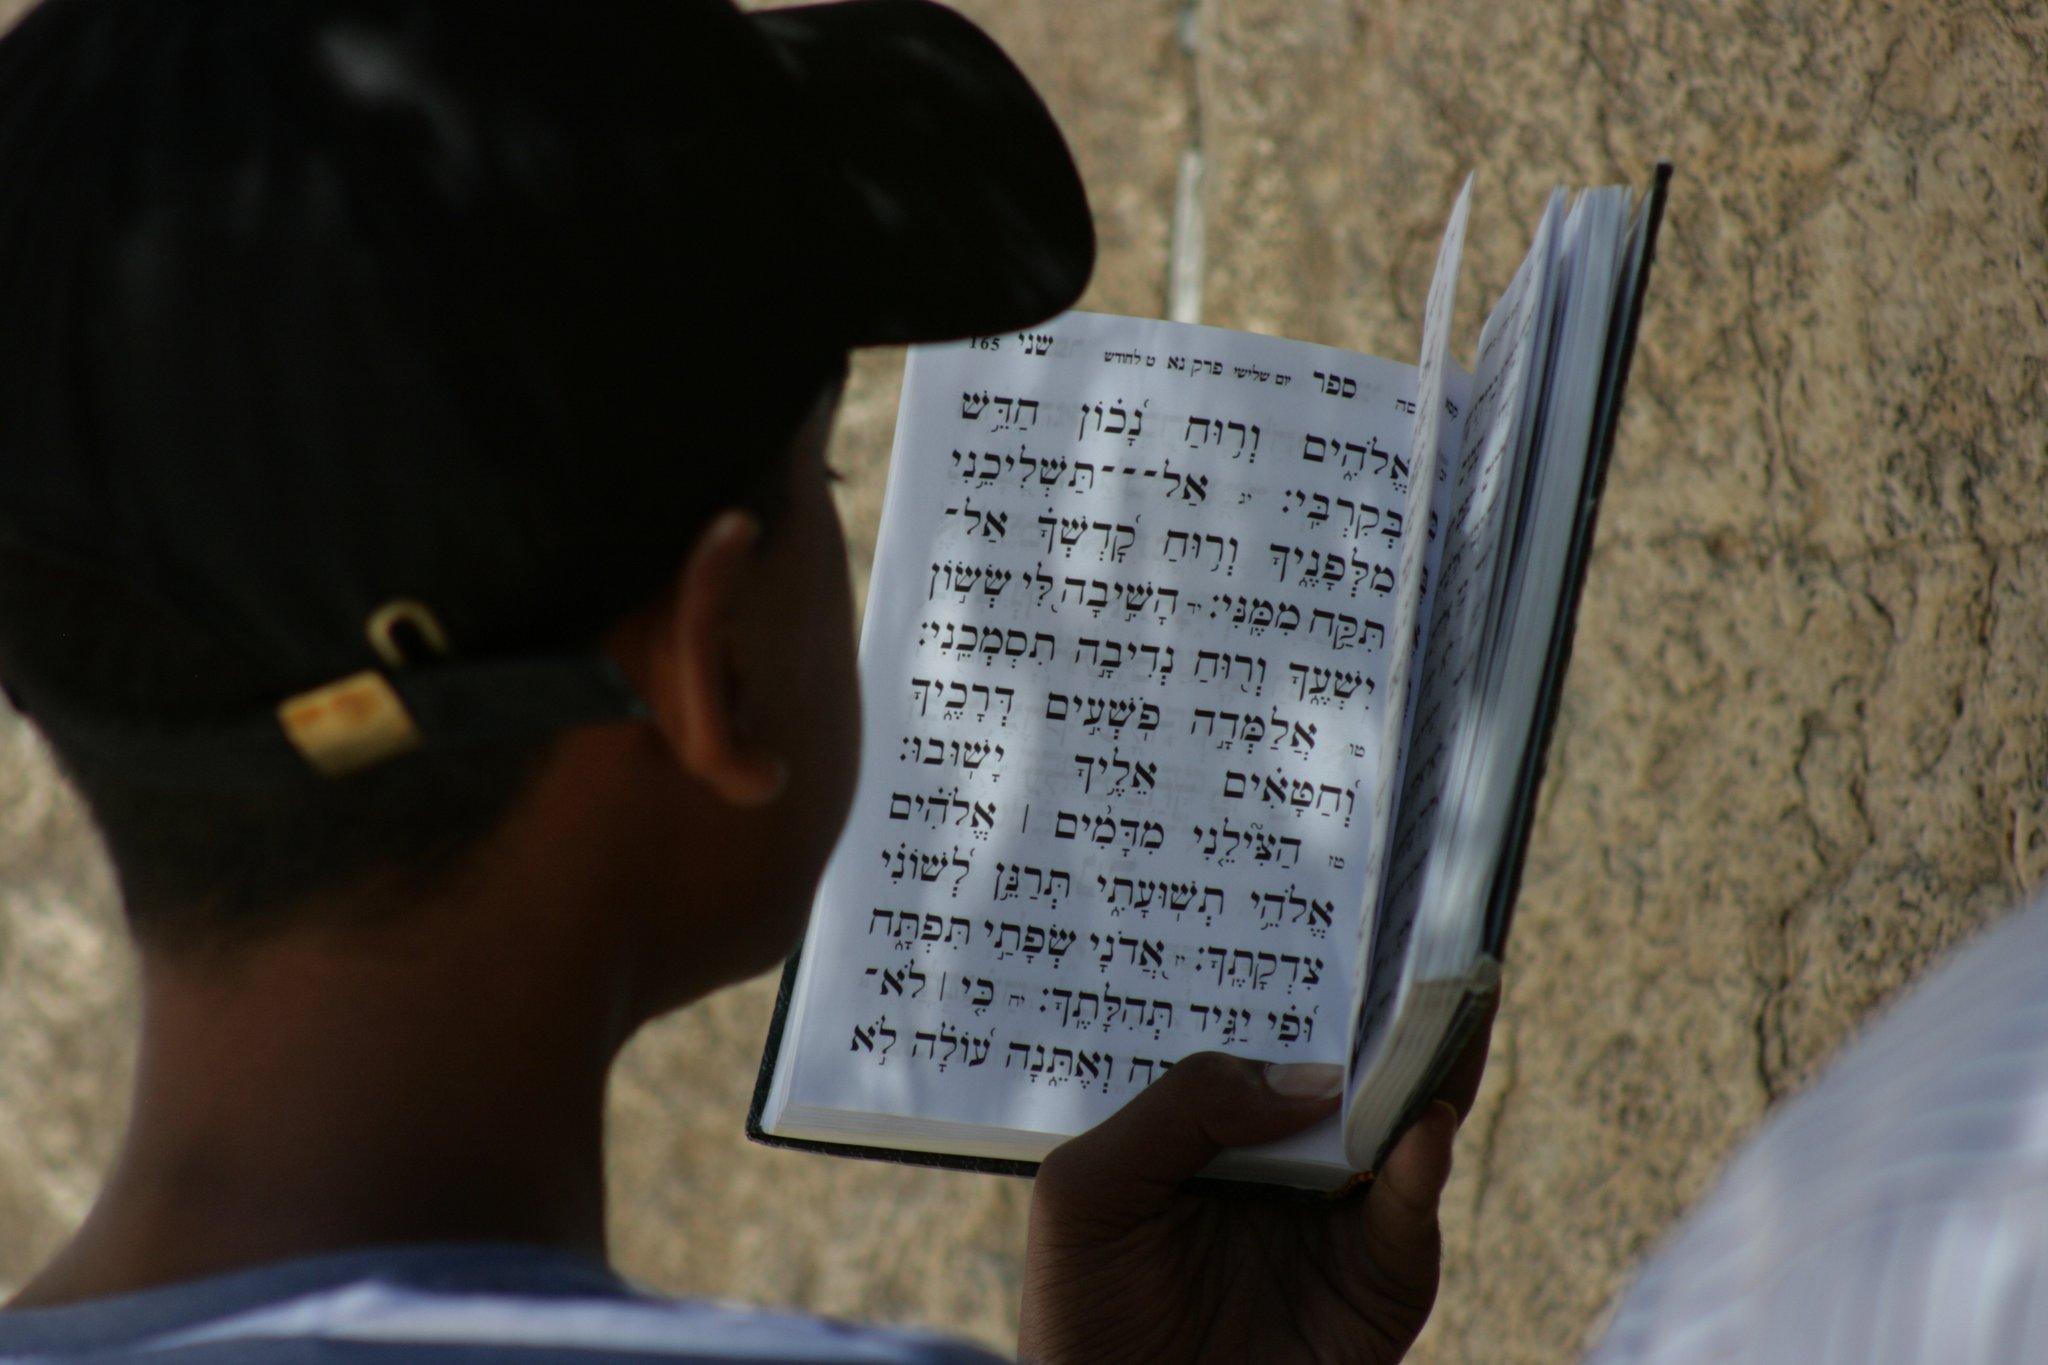 Judaizm2 Źródło: www.pixabay.com, fotografia barwna, domena publiczna.